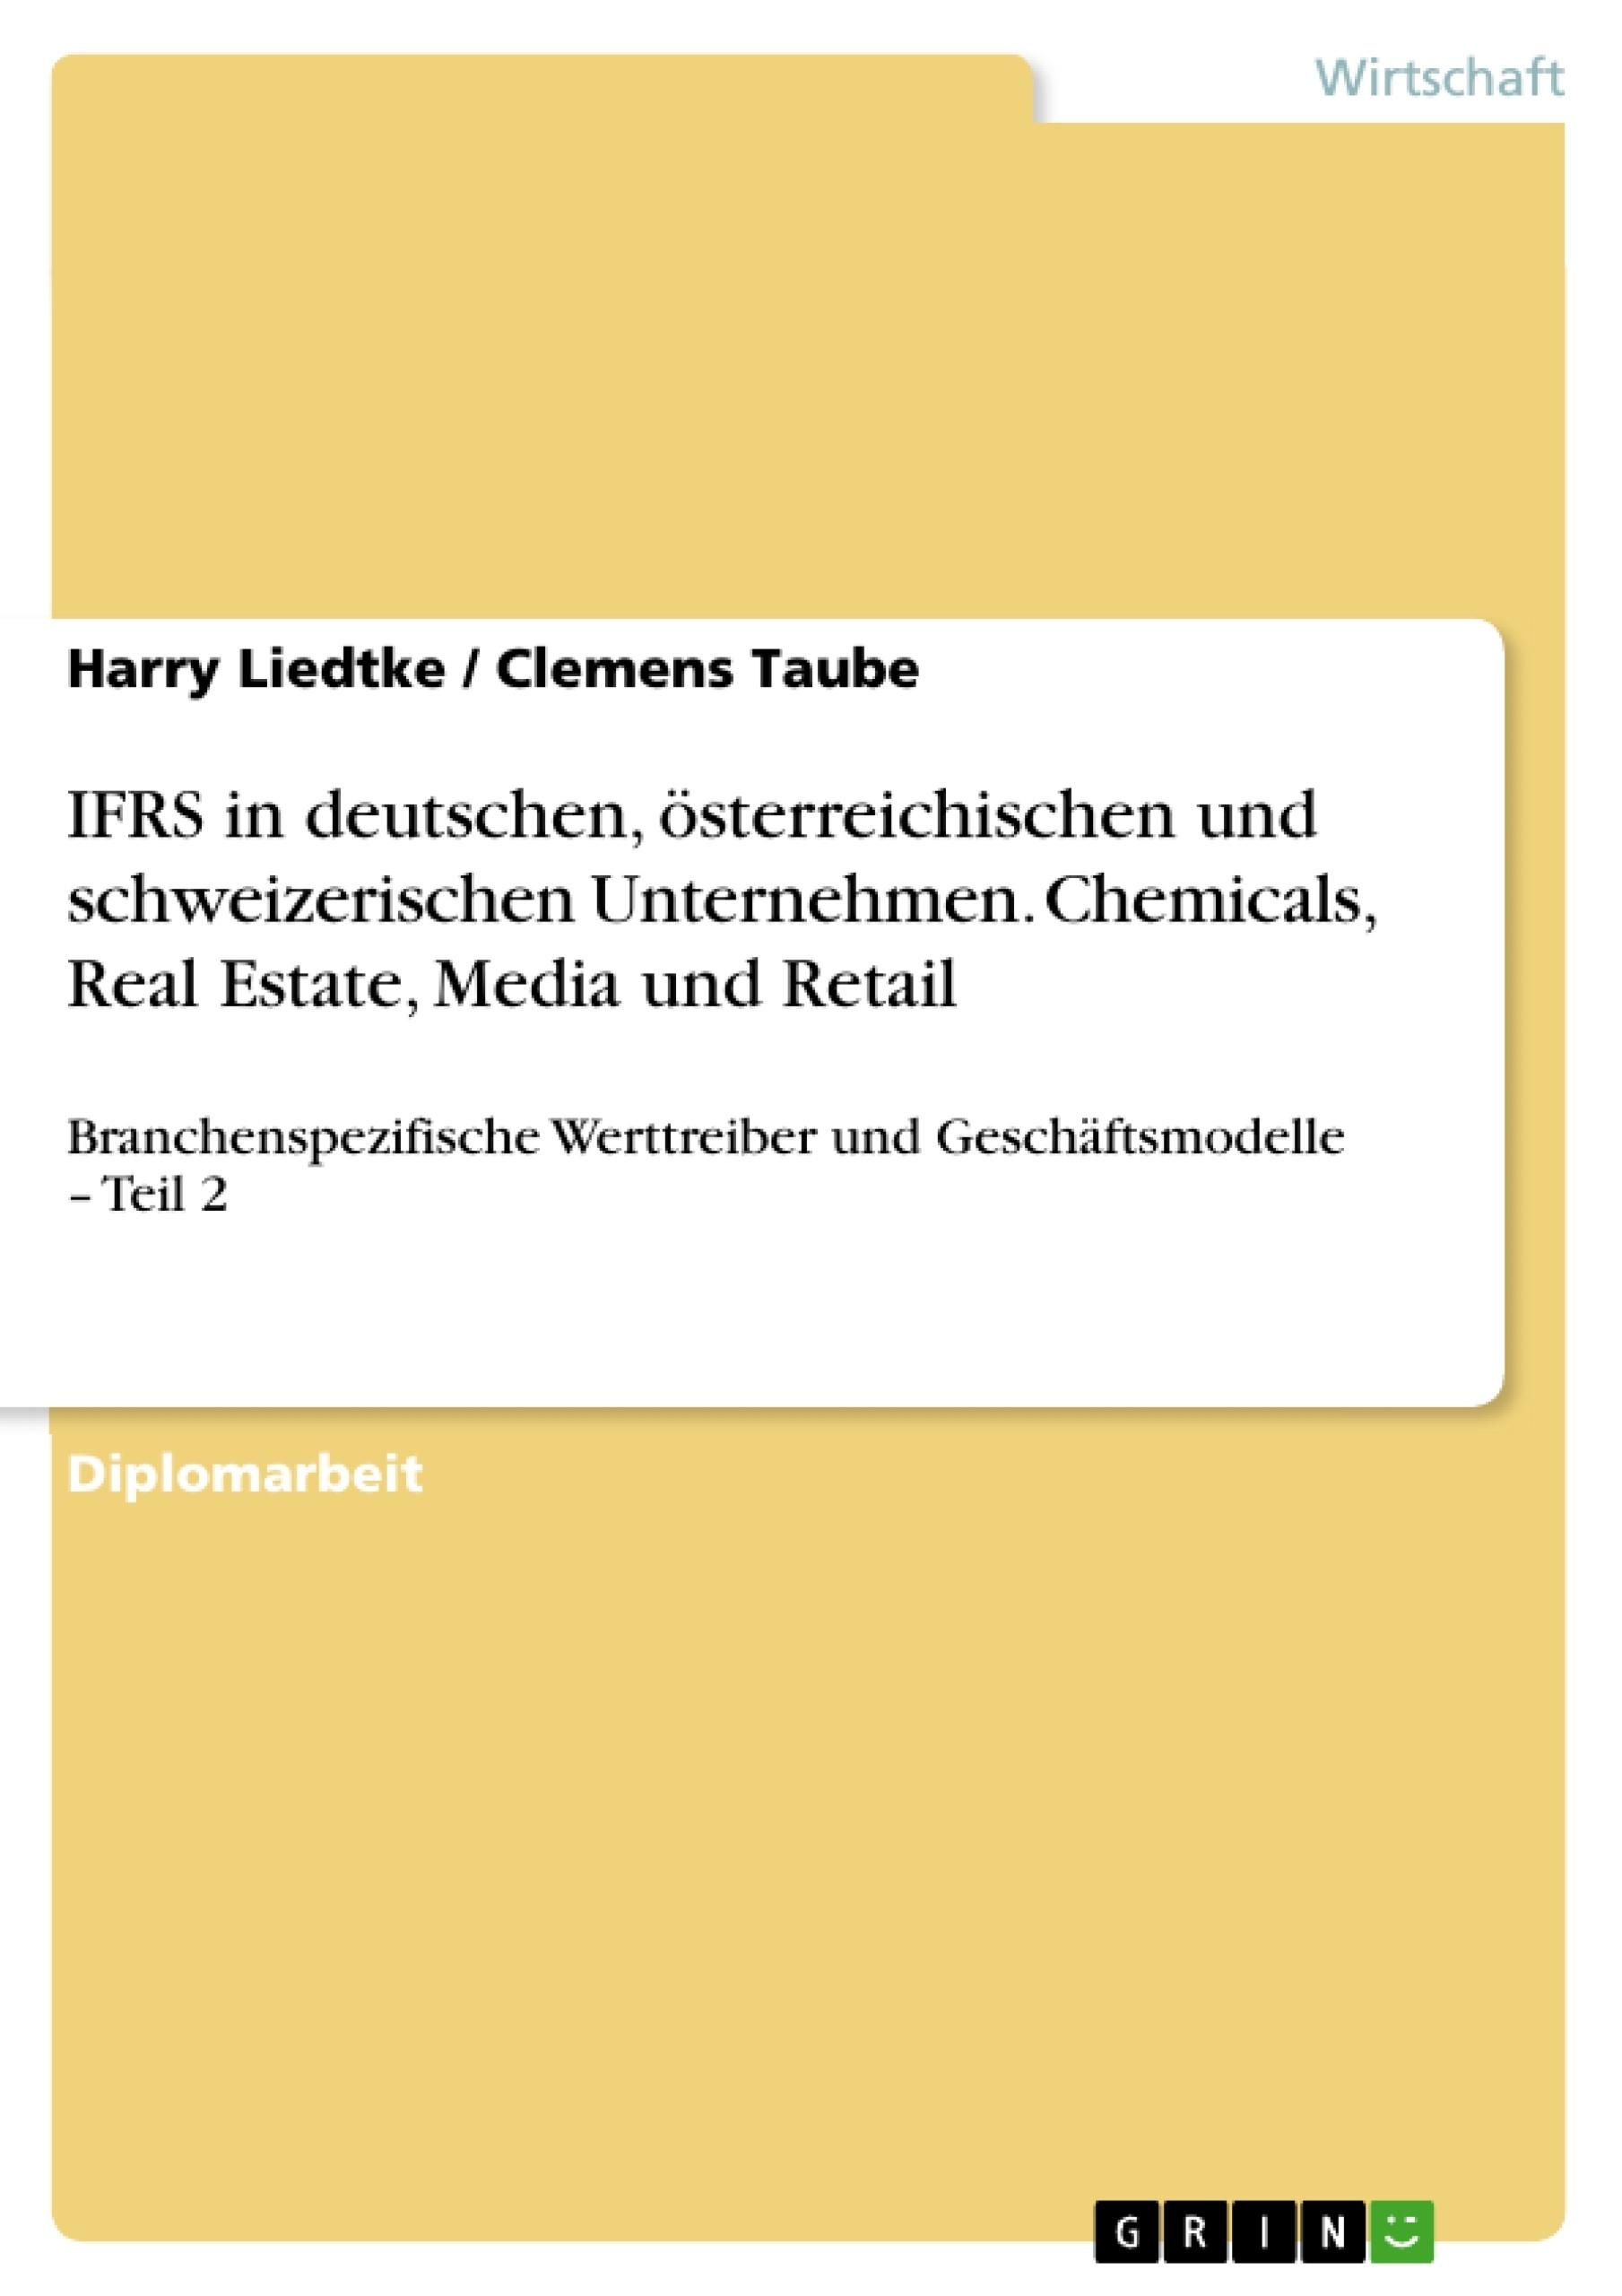 Titel: IFRS in deutschen, österreichischen und schweizerischen Unternehmen. Chemicals, Real Estate, Media und Retail